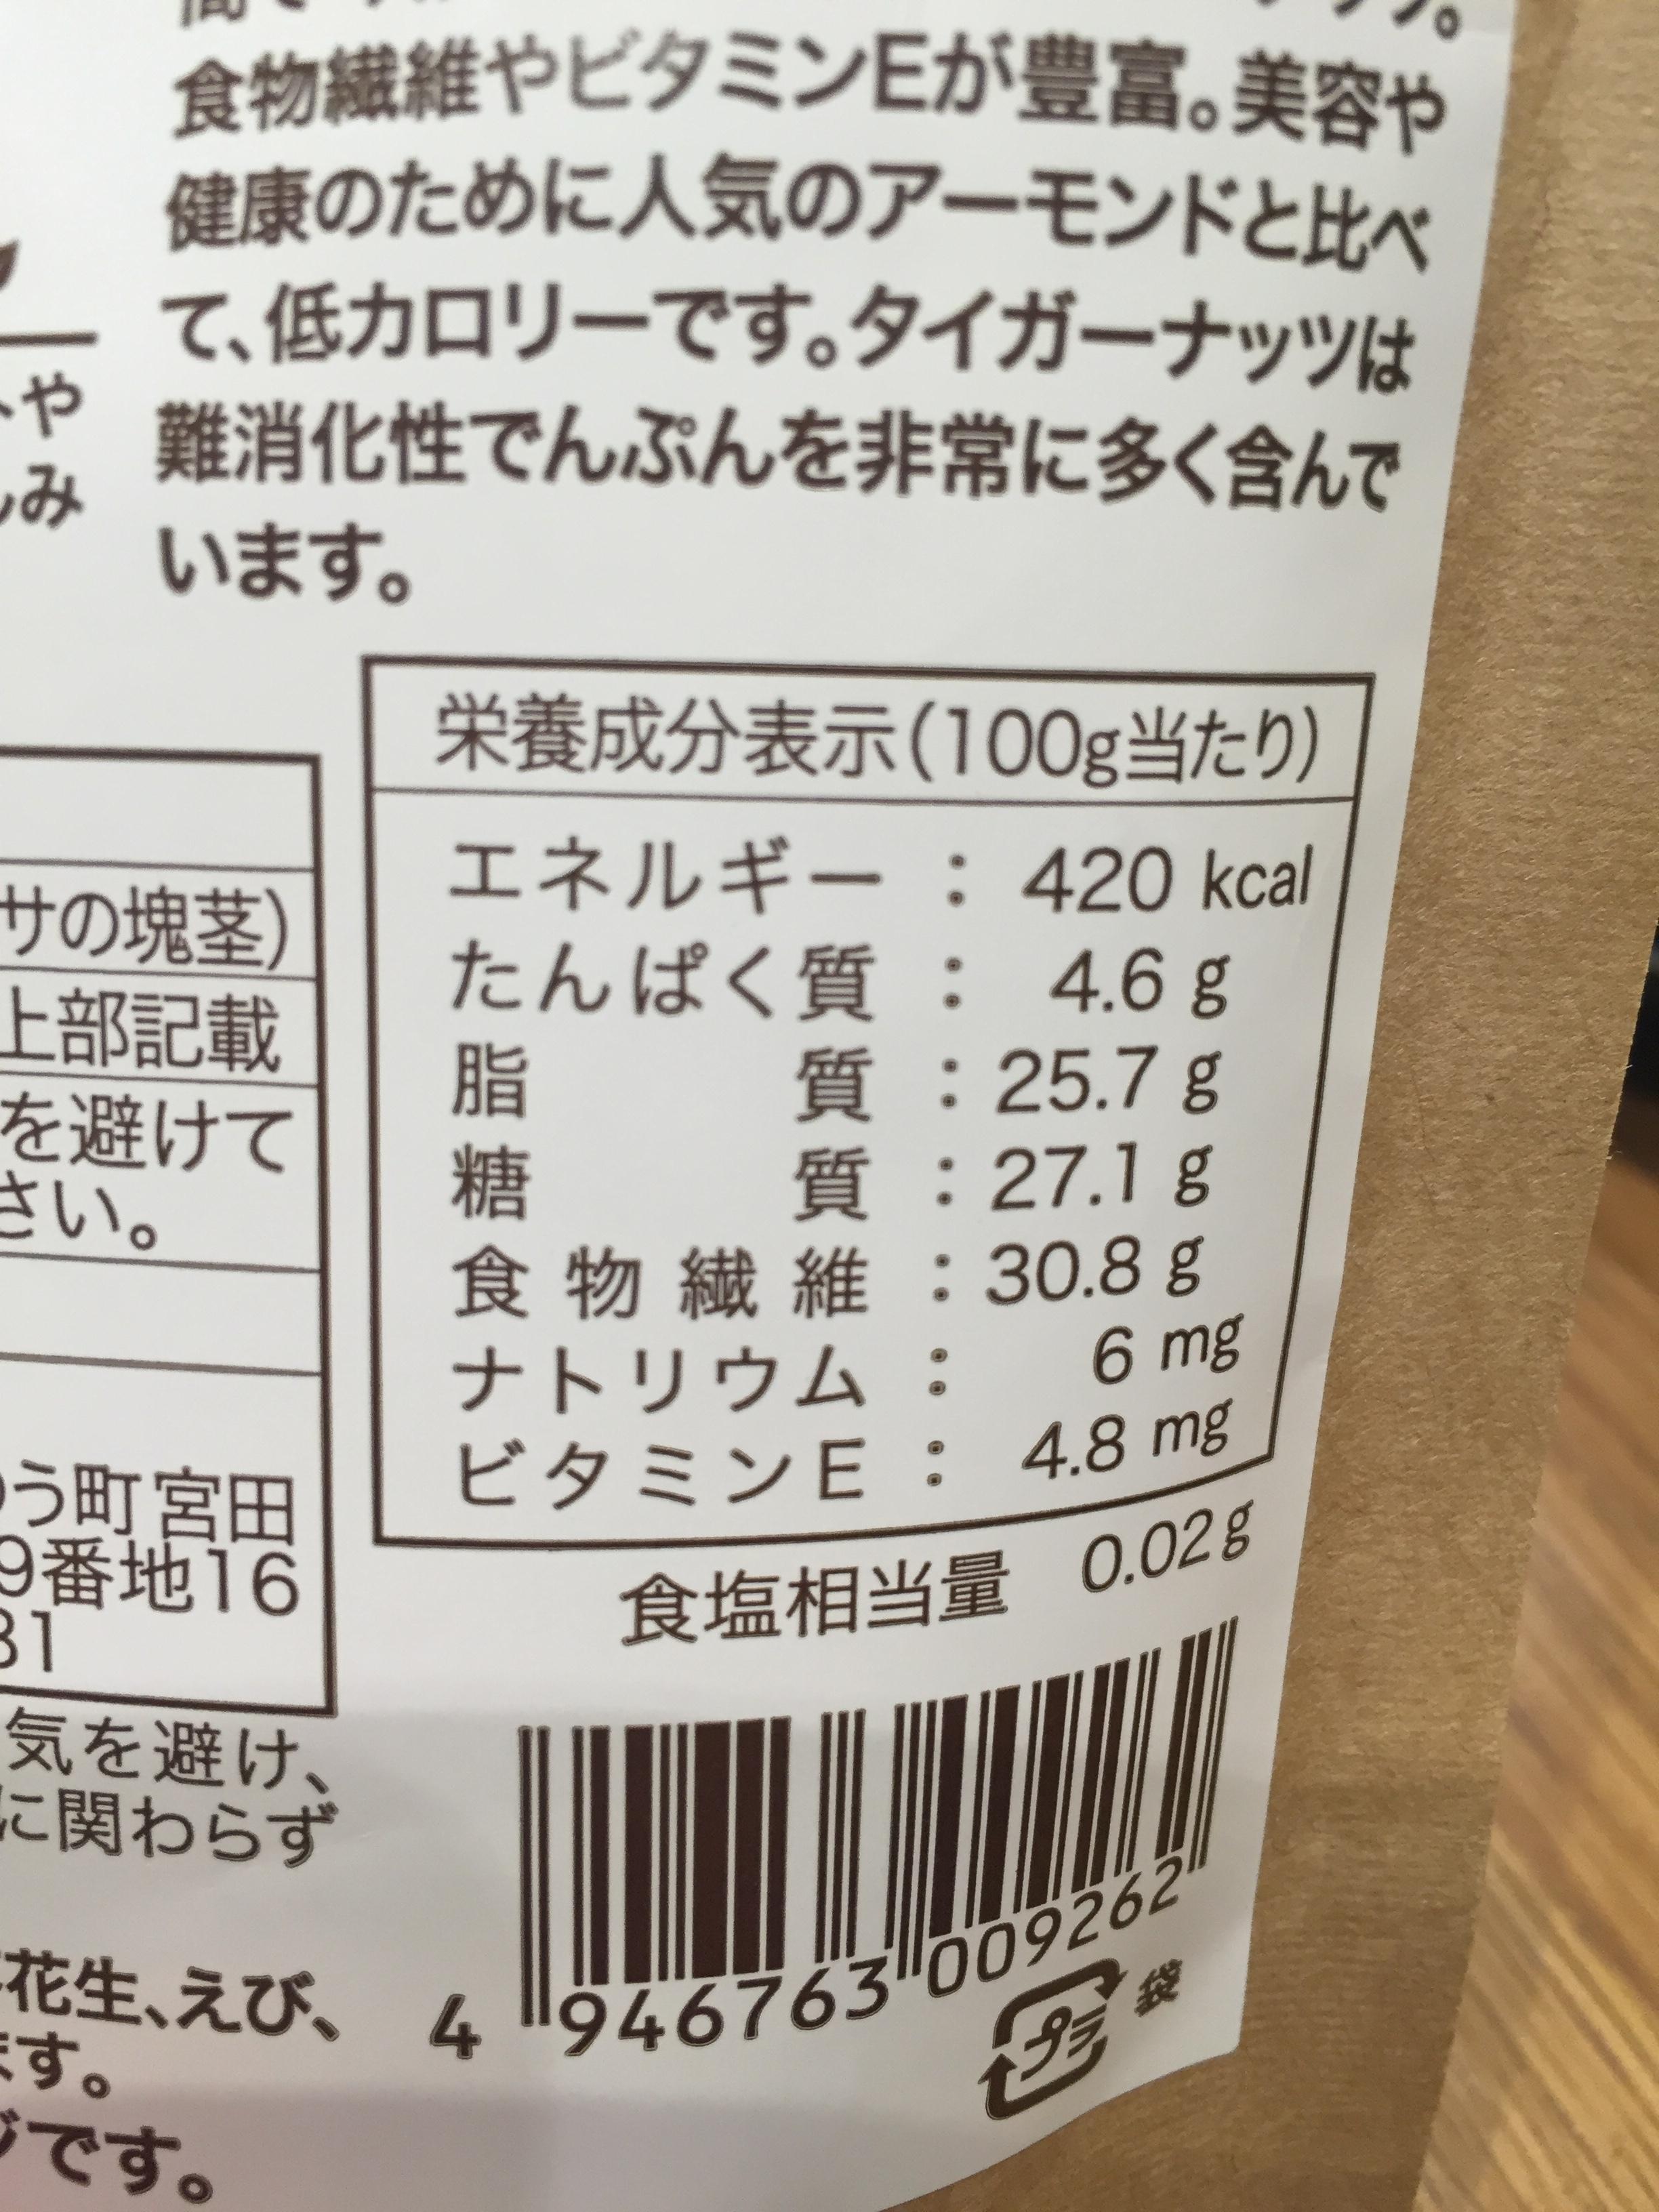 タイガーナッツ☆ミ_1_1-1